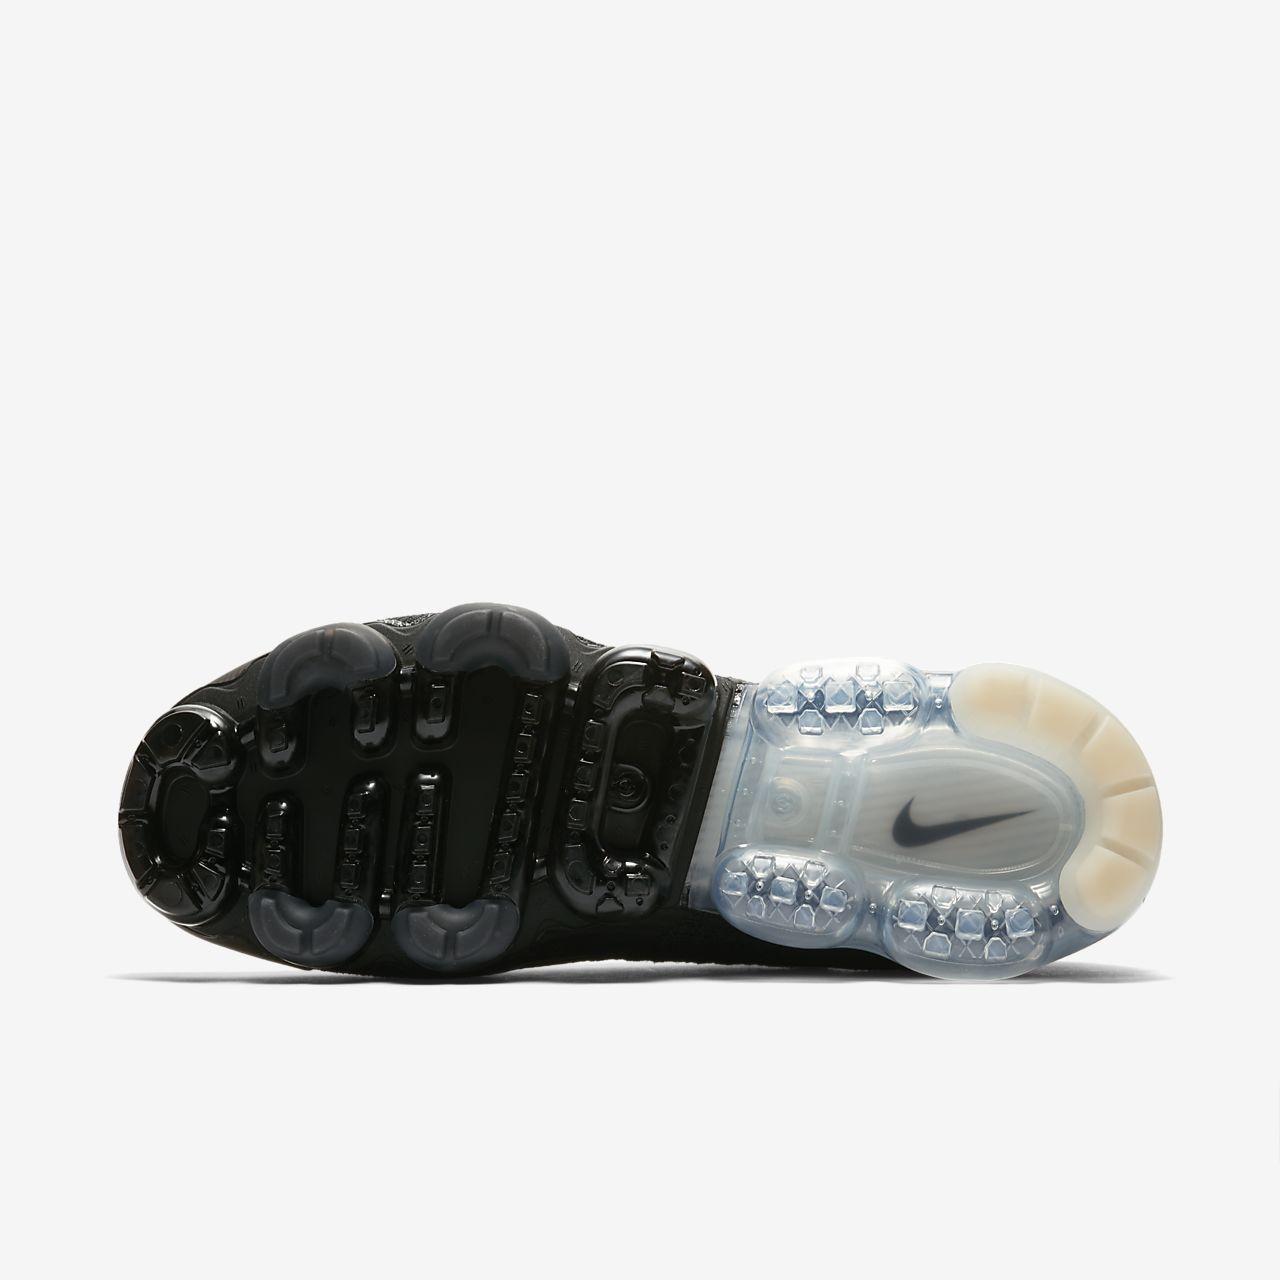 fabbd7ba22 Nike Air VaporMax Flyknit Moc 2 Shoe. Nike.com AU